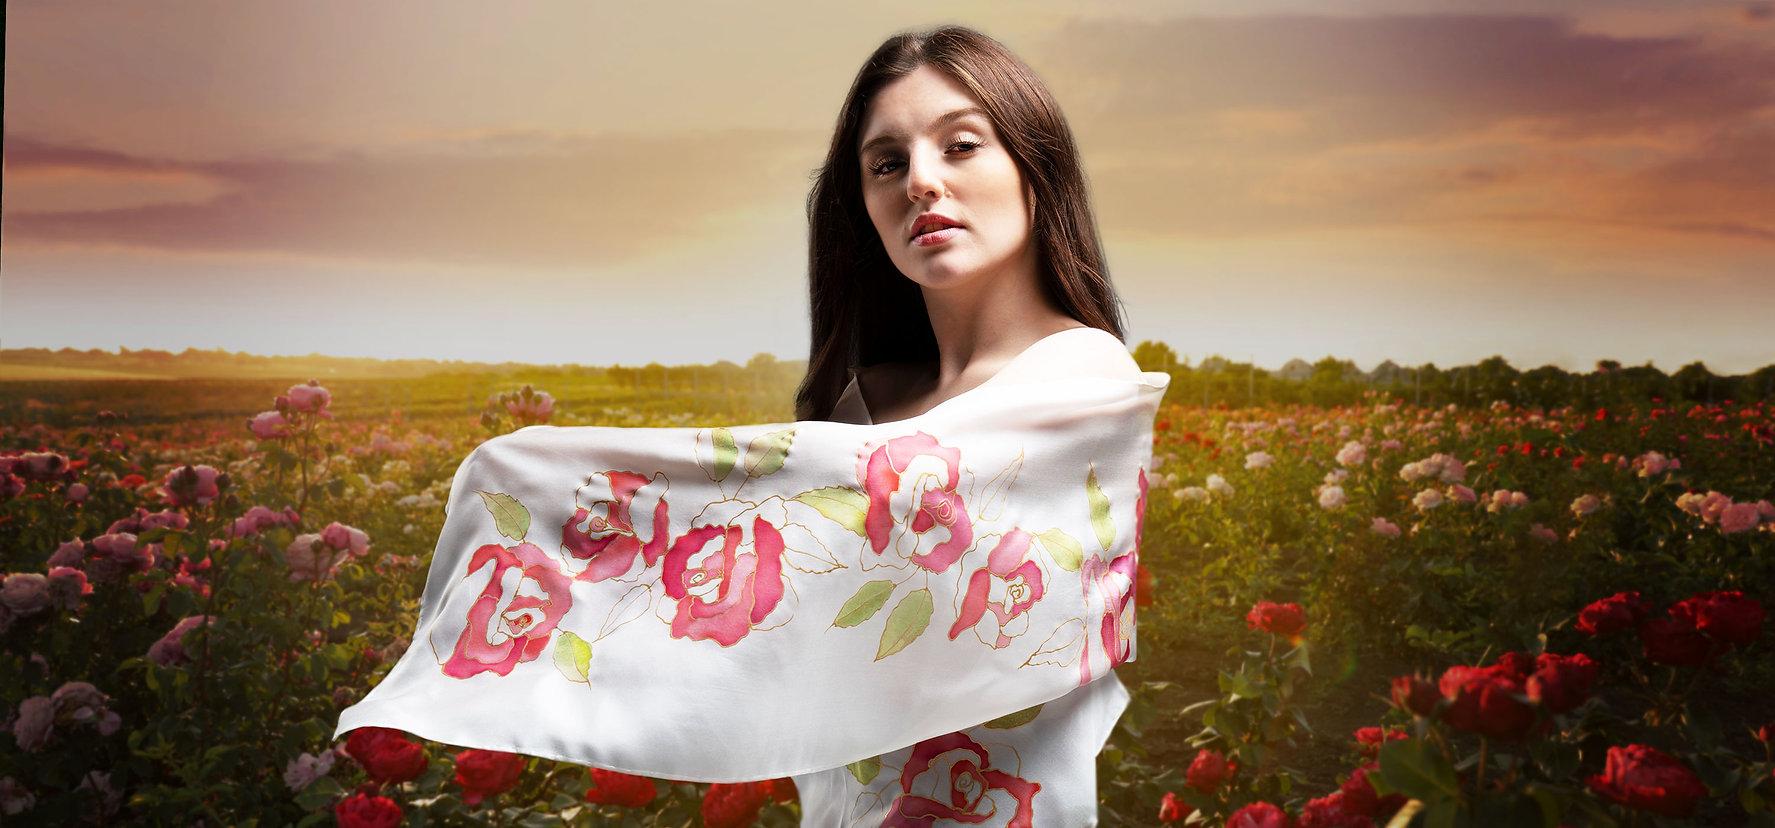 roses_3000.jpg